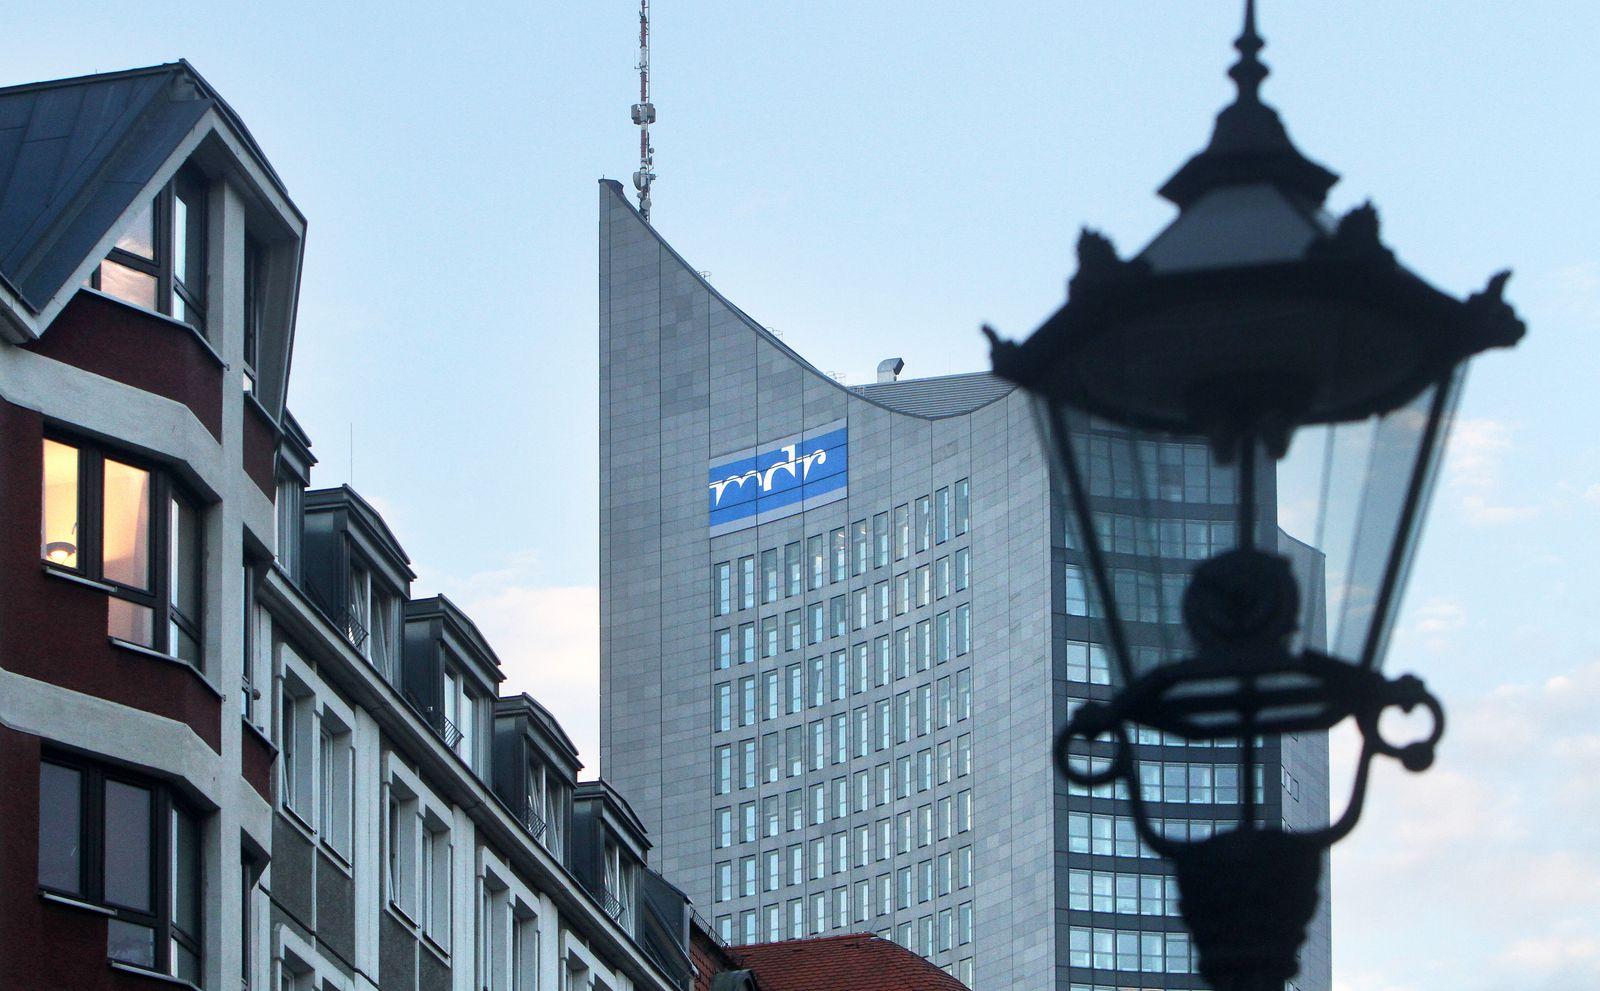 Funkhaus des MDR Mitteldeutscher Rundfunk am Augustusplatz in Leipzig, Sachsen, Deutschland *** Broadcasting centre of M